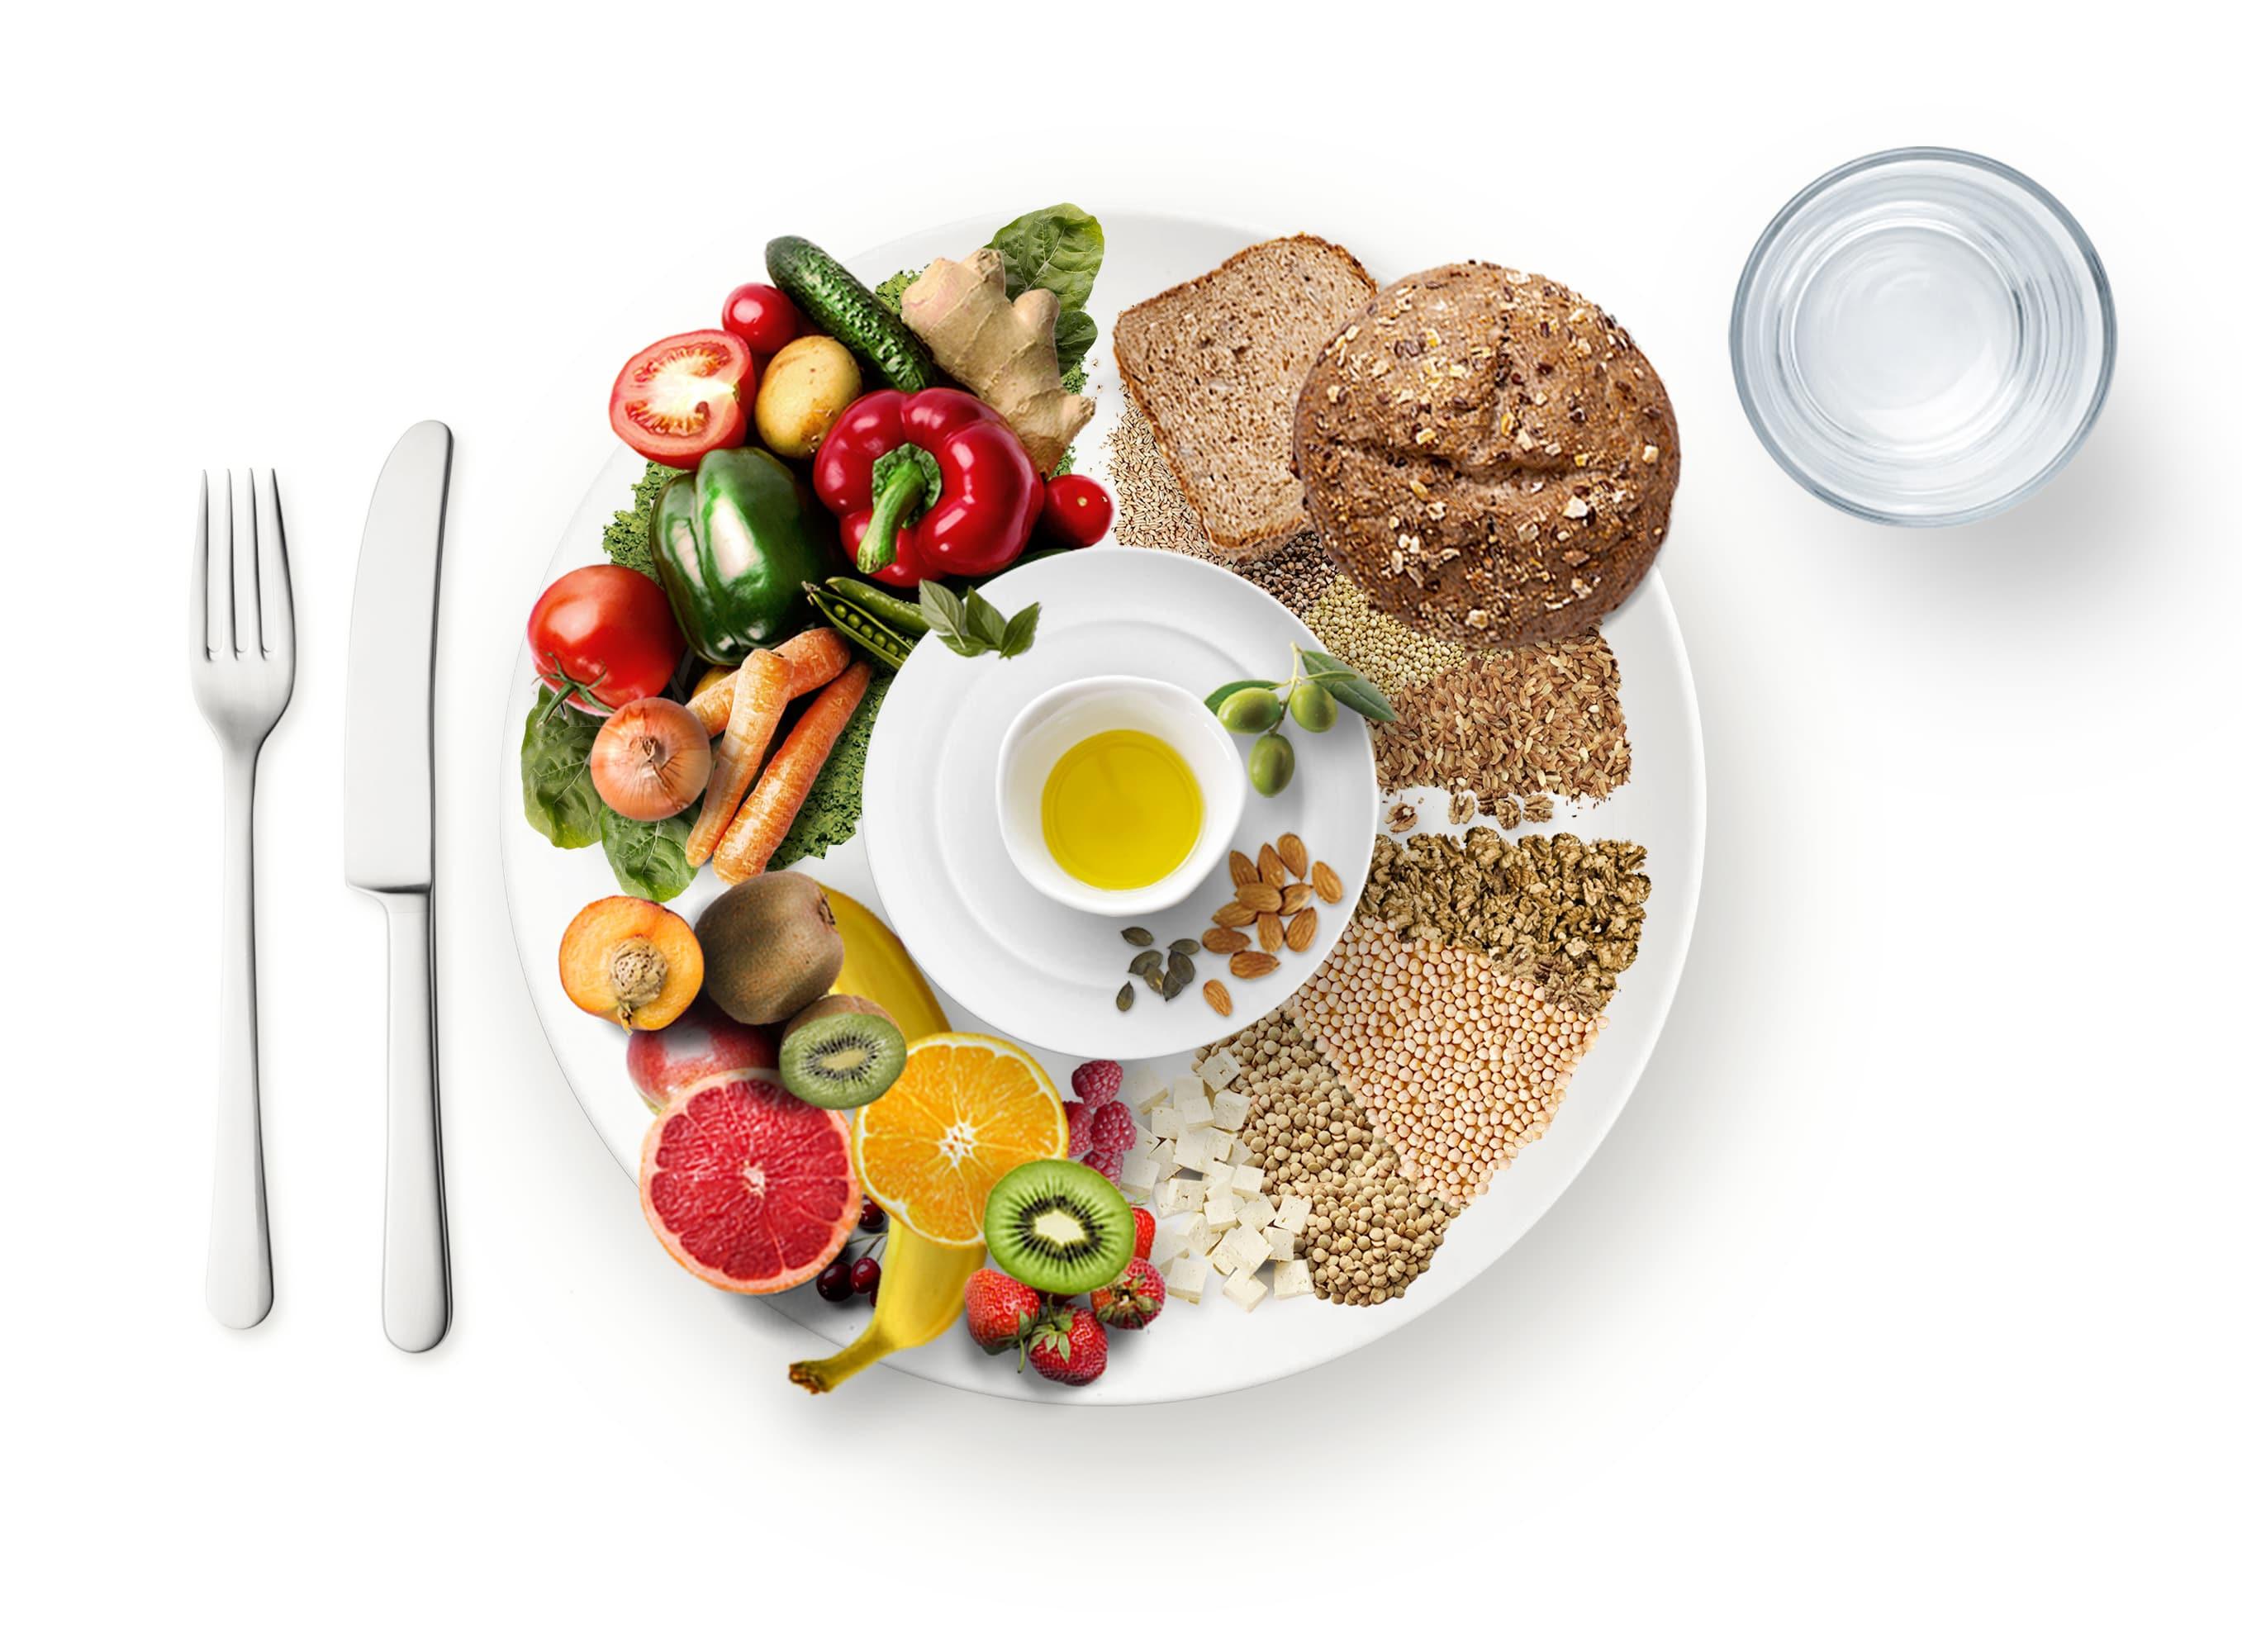 Wie man eine ausgewogene vegane Ernährung macht